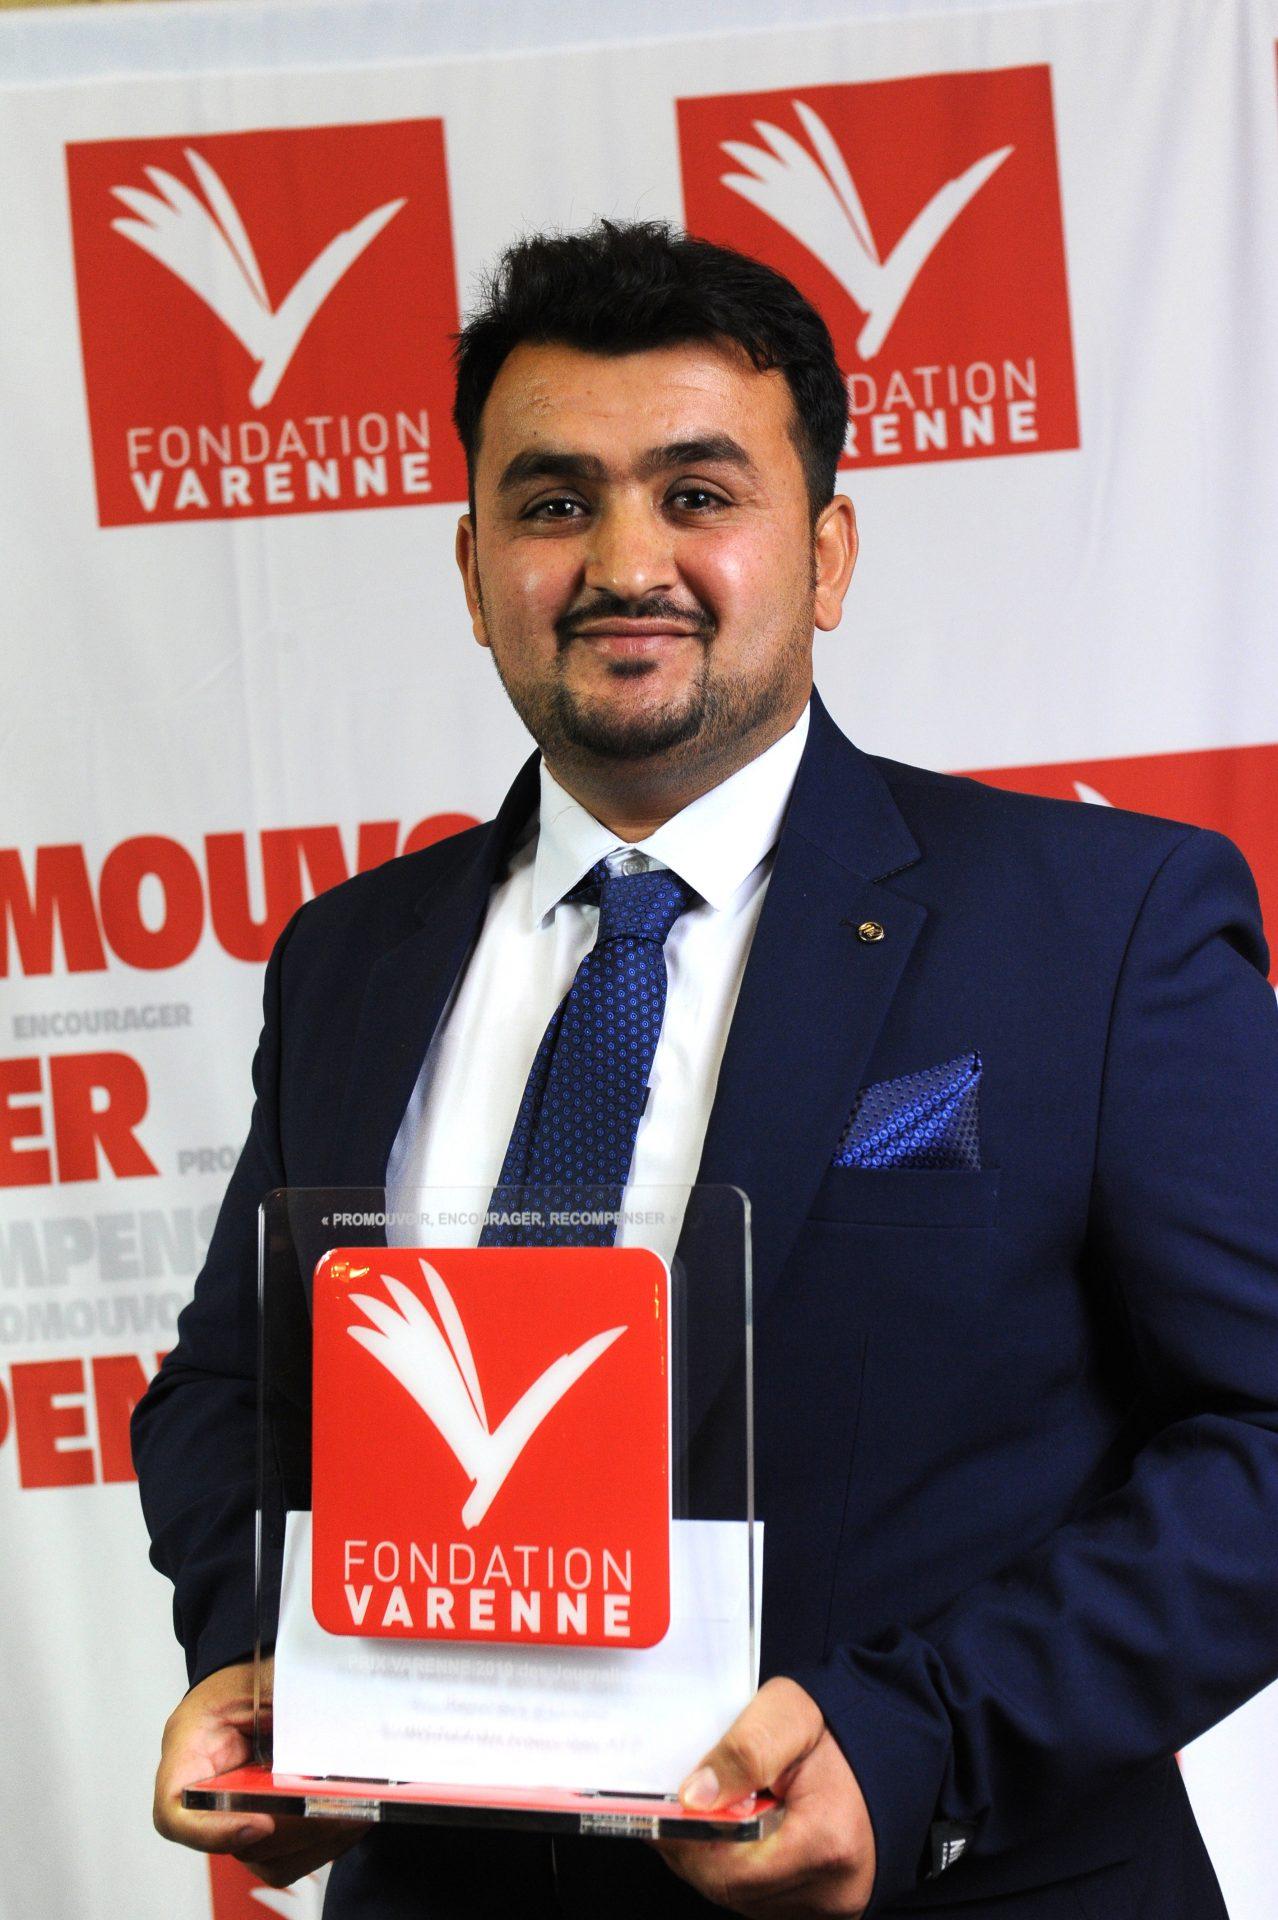 Prix Varenne journalises reporters d'images (Catégorie Internationale) à Noorullah SHIRZADA de l'AFP